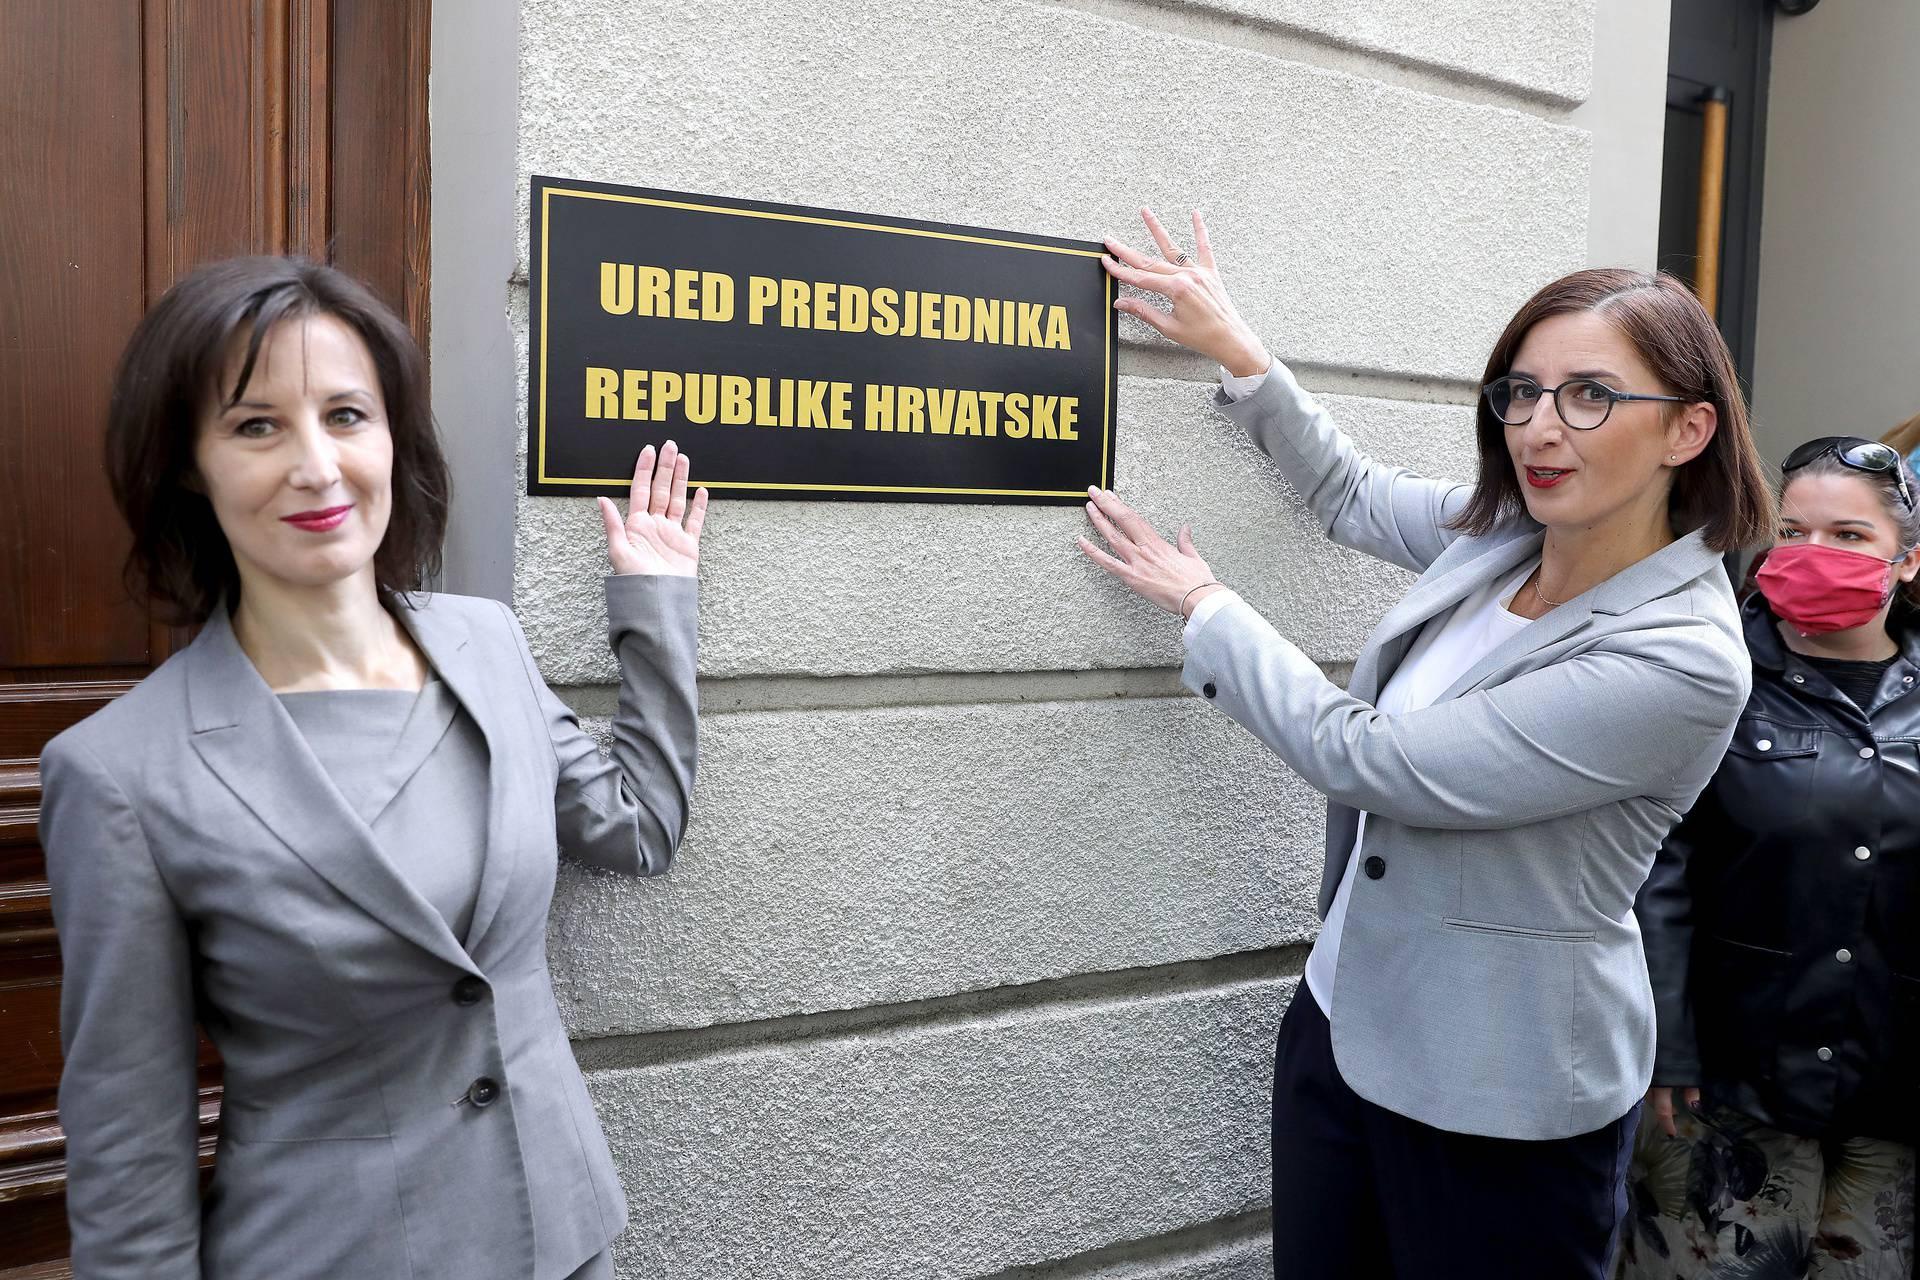 """Orešković i Puljak na zgradu Kovačevićevog kluba stavile tablu """"Ured predsjednika RH"""""""